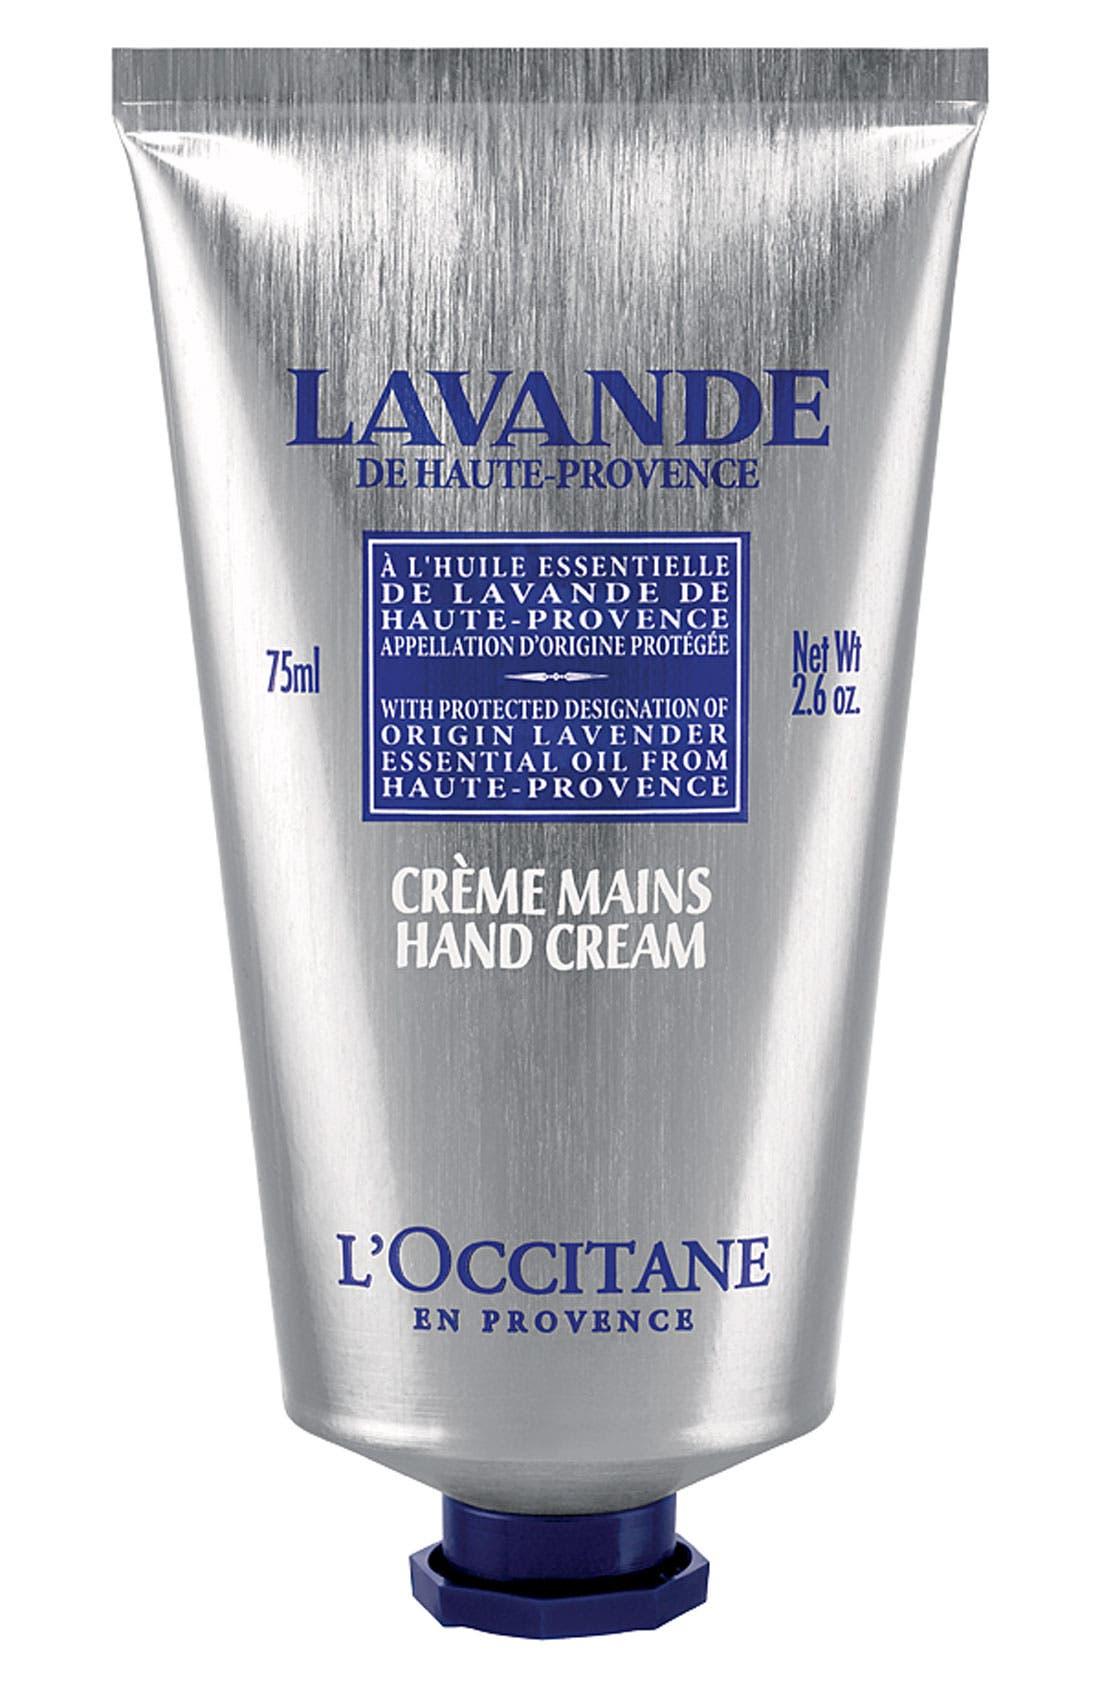 L'OCCITANE, Lavender Hand Cream, Alternate thumbnail 2, color, NO_COLOR